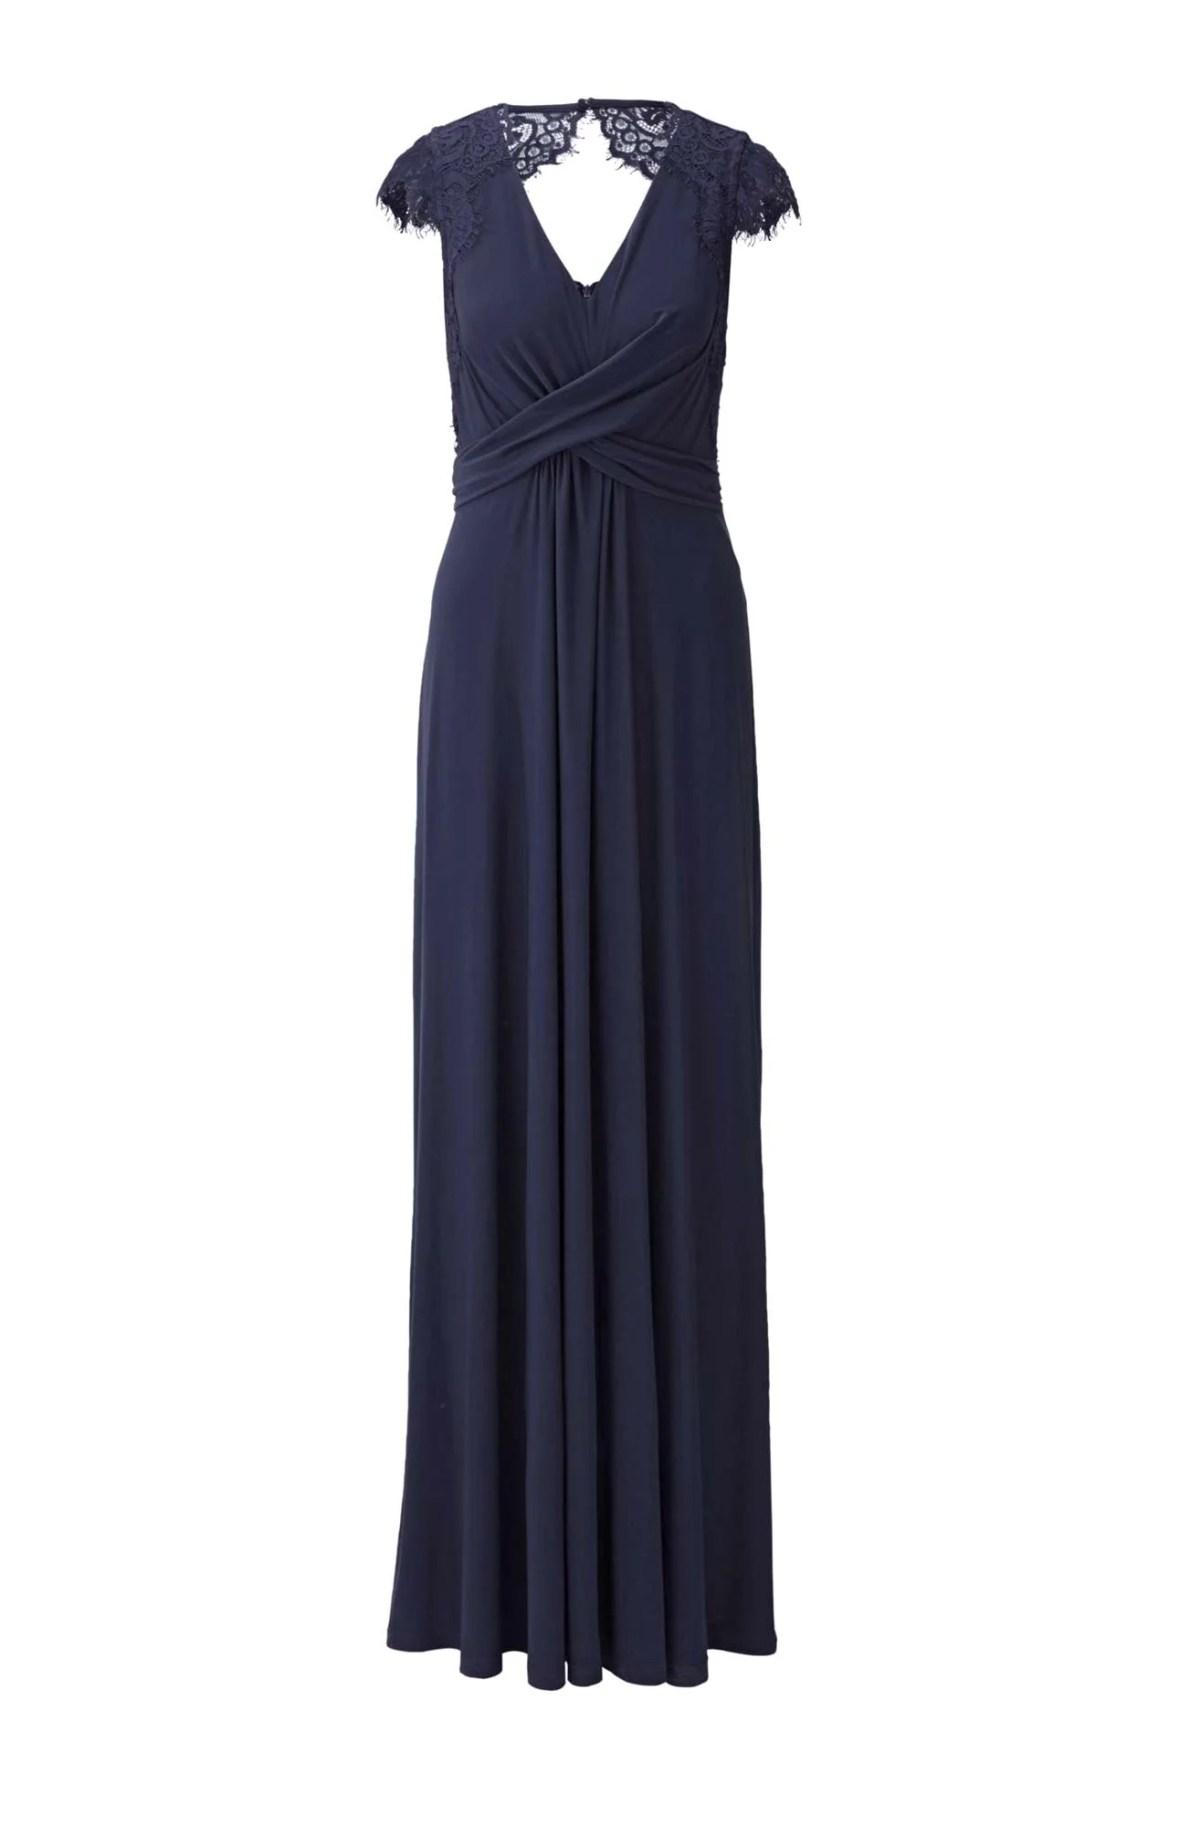 Festmoden HEINE Damen Designer-Abendkleid m. Spitze Nachtblau 424.627 Missforty